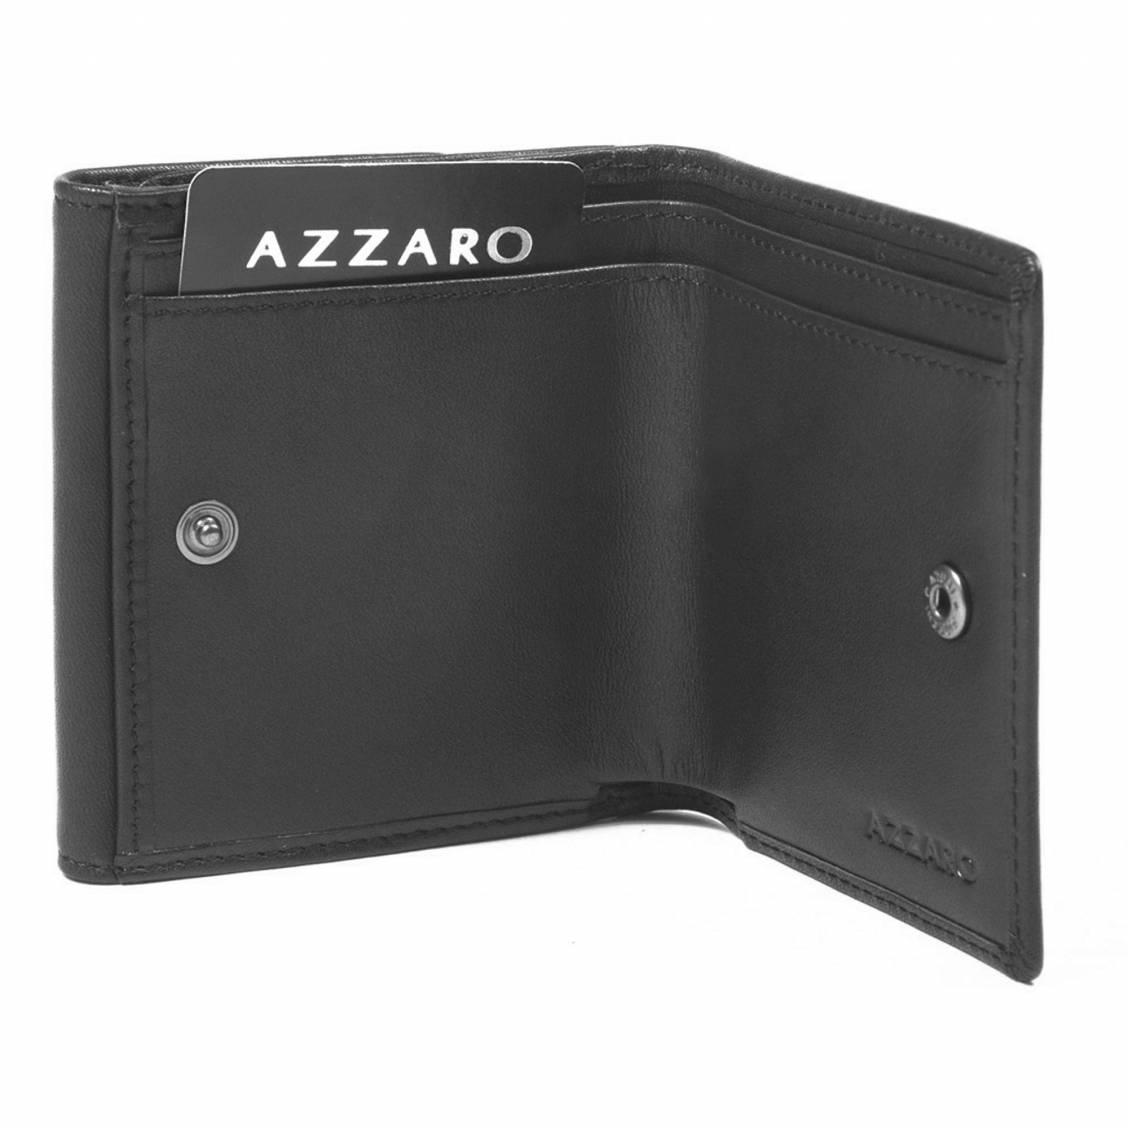 porte monnaie Azzaro en cuir noir